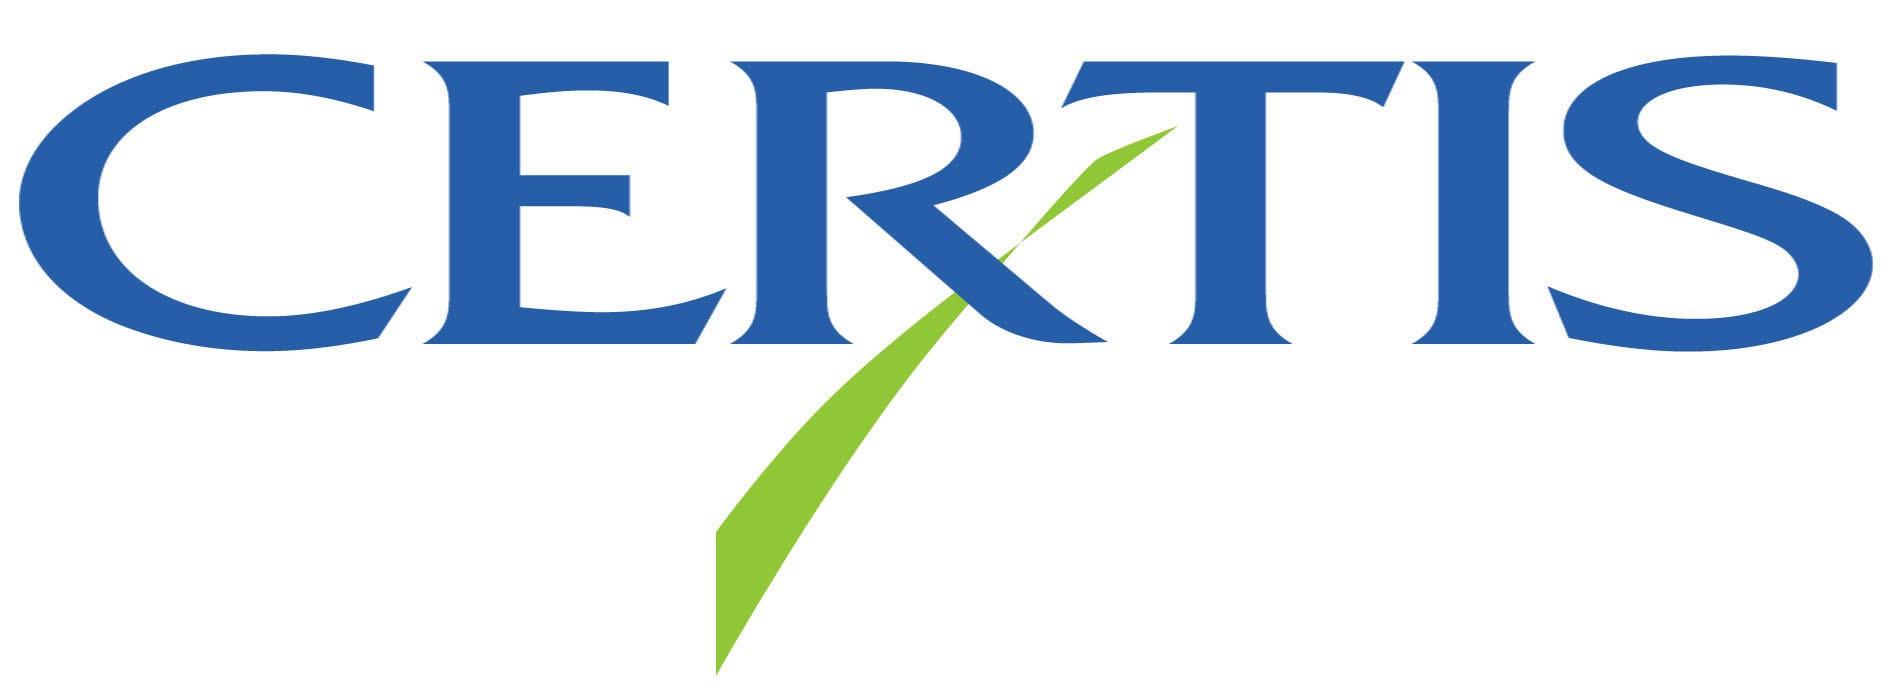 Certis logo-colour